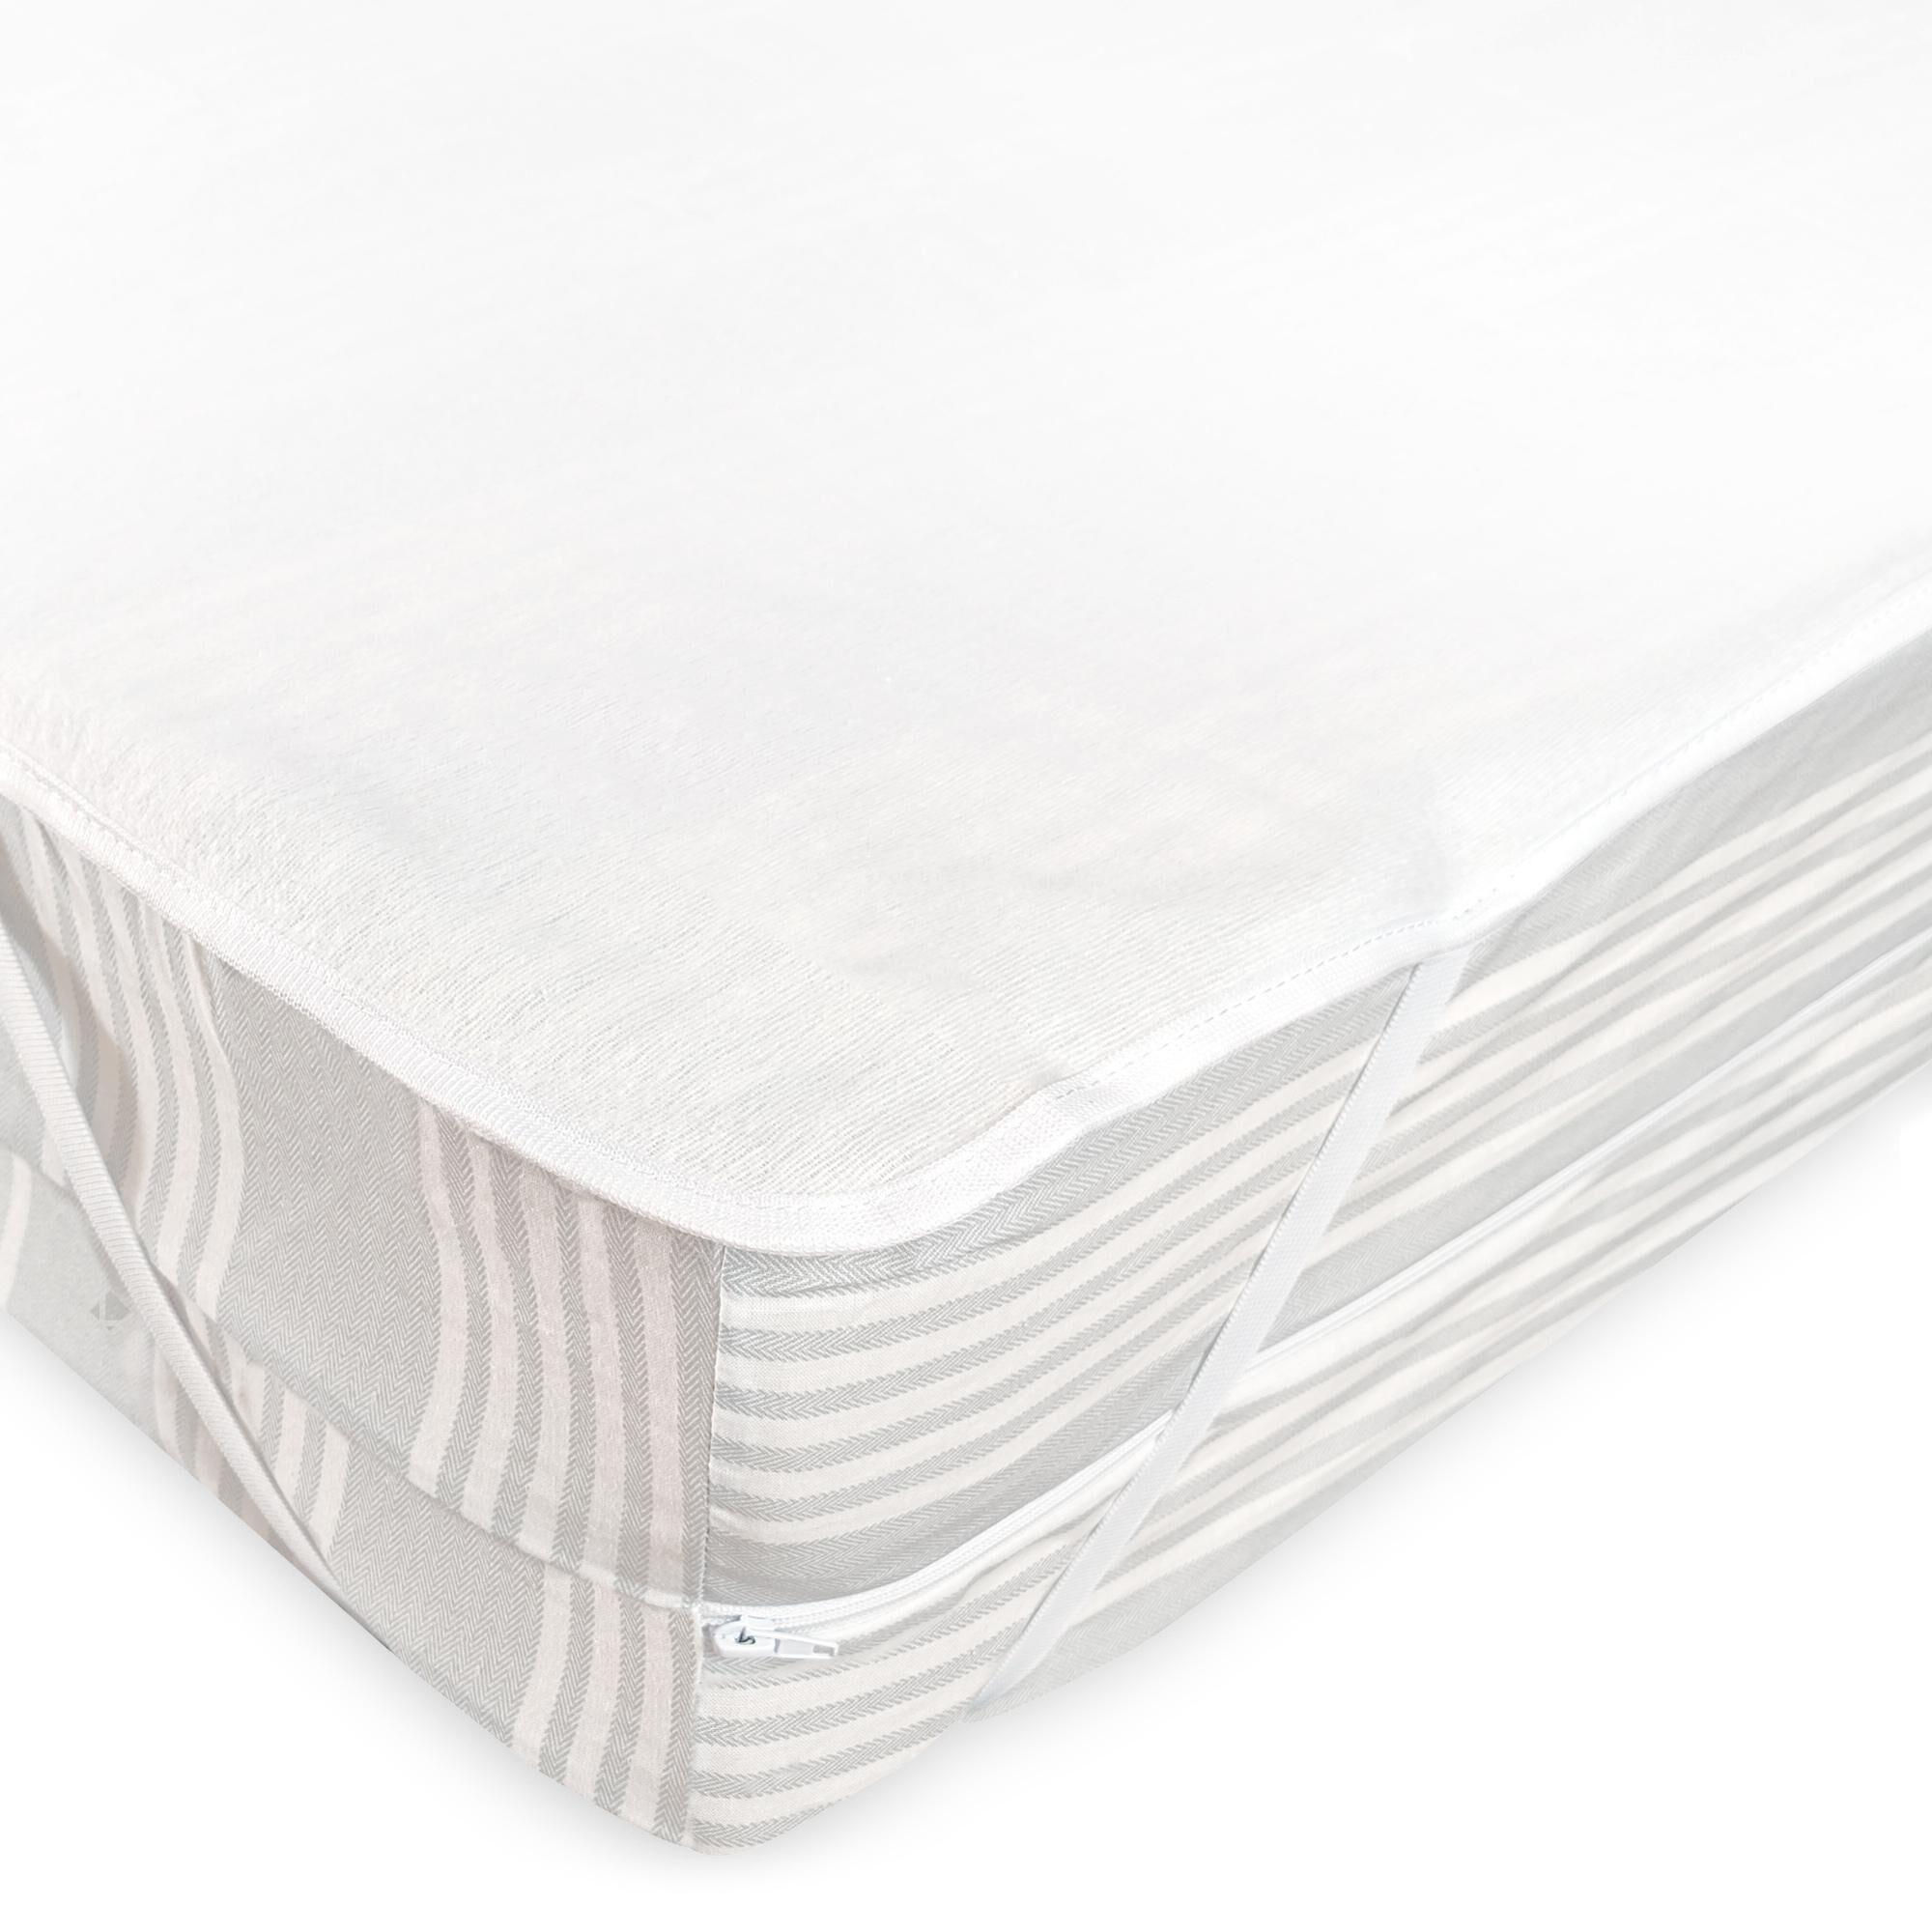 Linnea Alèse plate imperméable 150x200 cm ARNON molleton 100% coton contrecollé polyuréthane